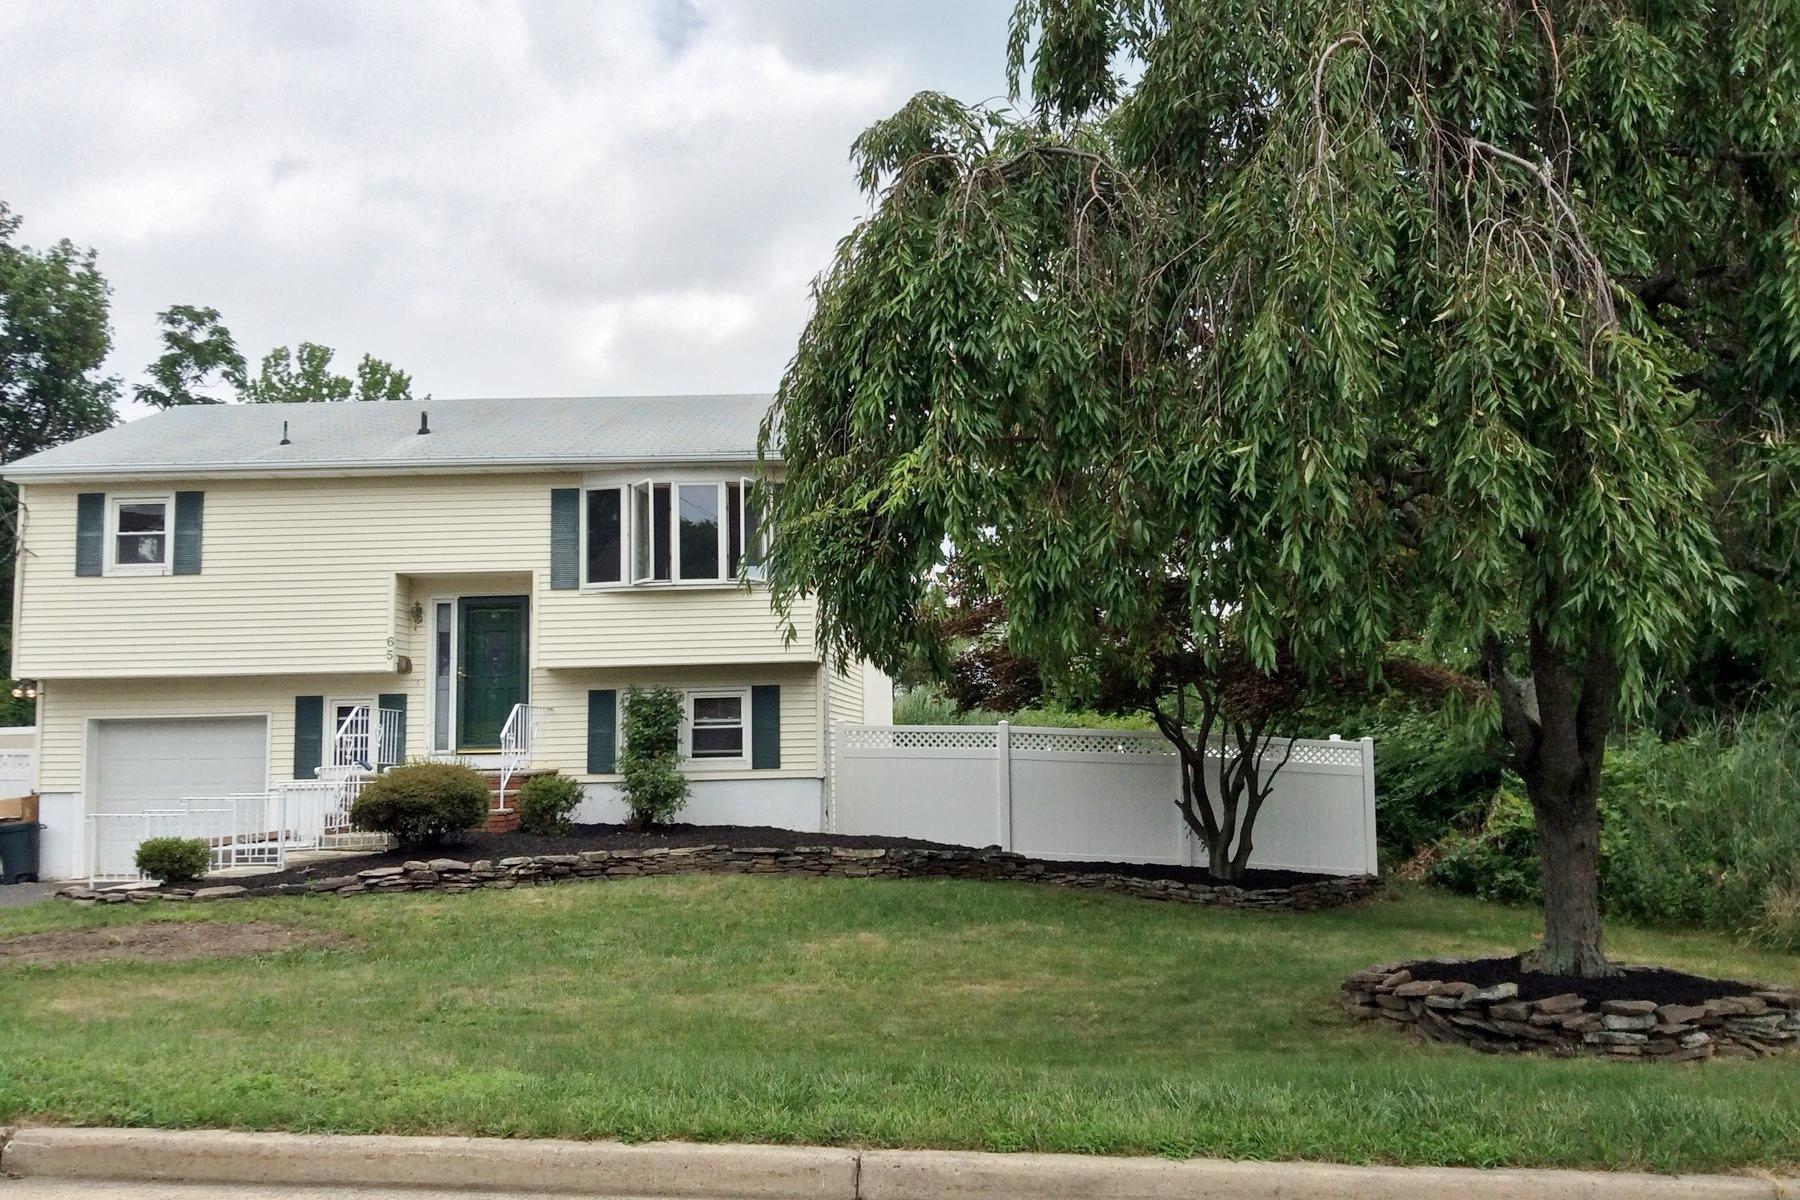 단독 가정 주택 용 매매 에 Adorable Leonardo Home 65 Florence Ave Middletown, 뉴저지, 07748 미국